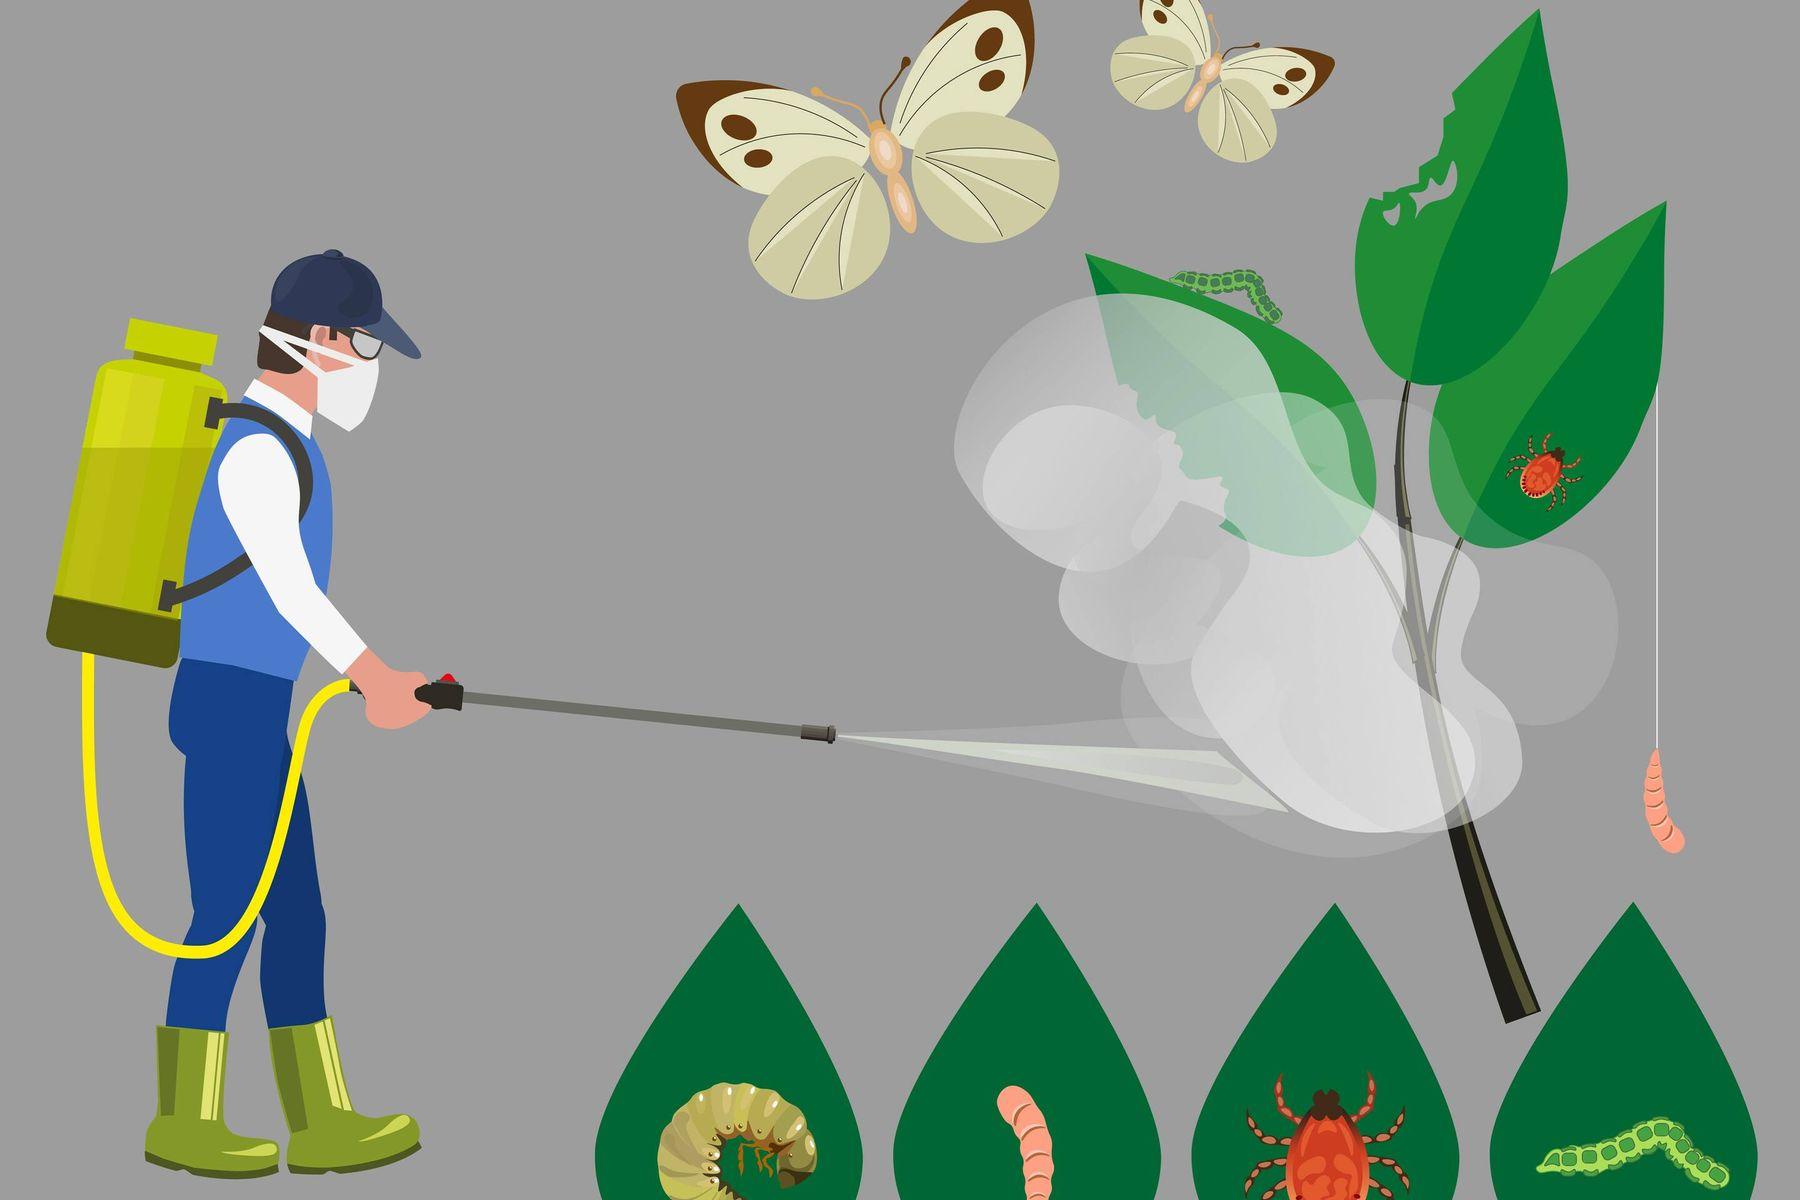 5 lọai thuốc diệt côn trùng an toàn, hiệu quả nhất và những điều cần lưu ý